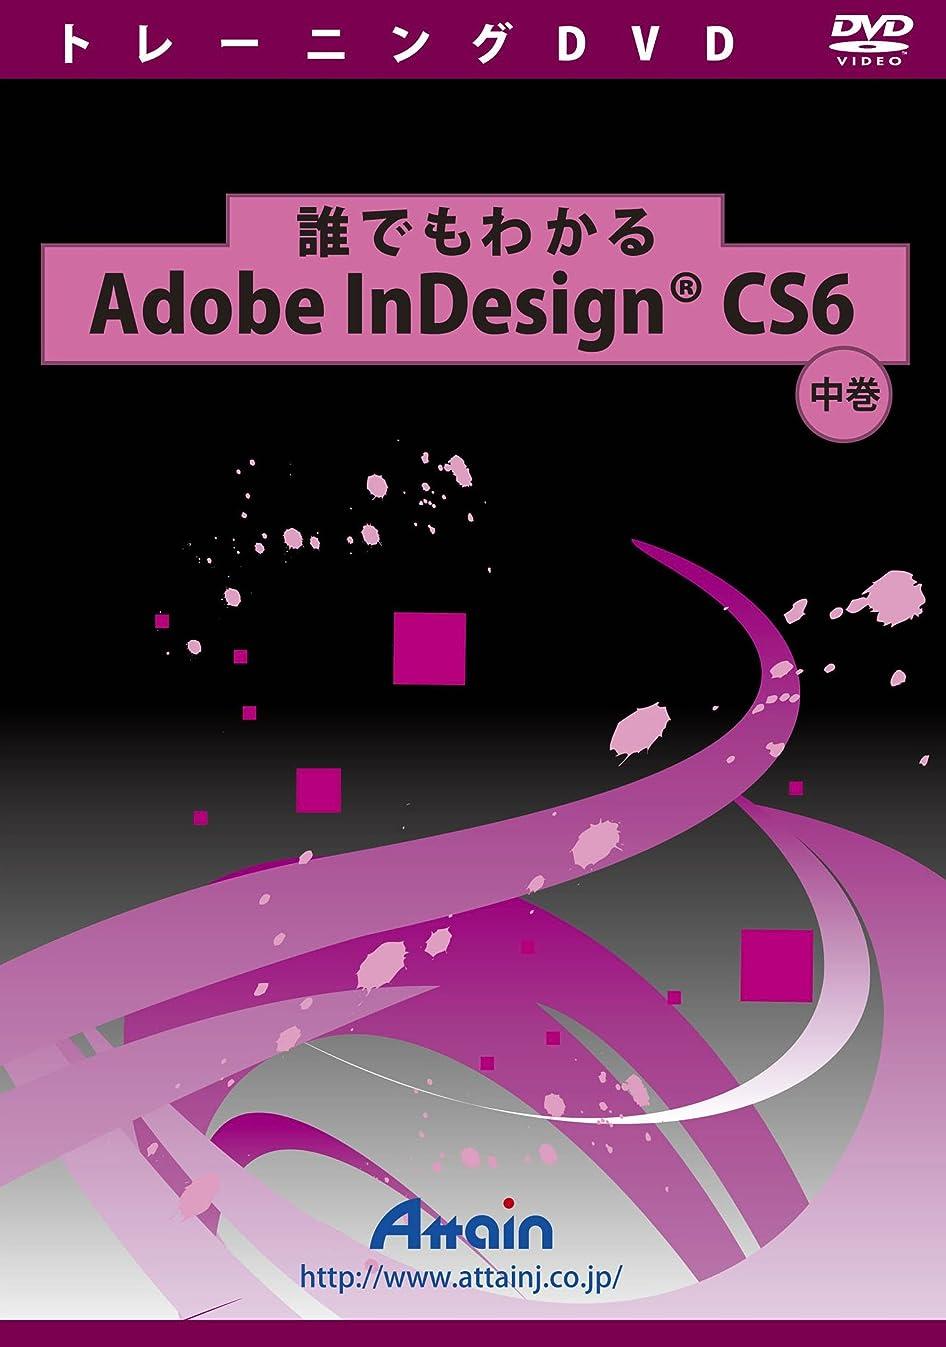 湾慎重にページェント誰でもわかるAdobe InDesign CS6 中巻